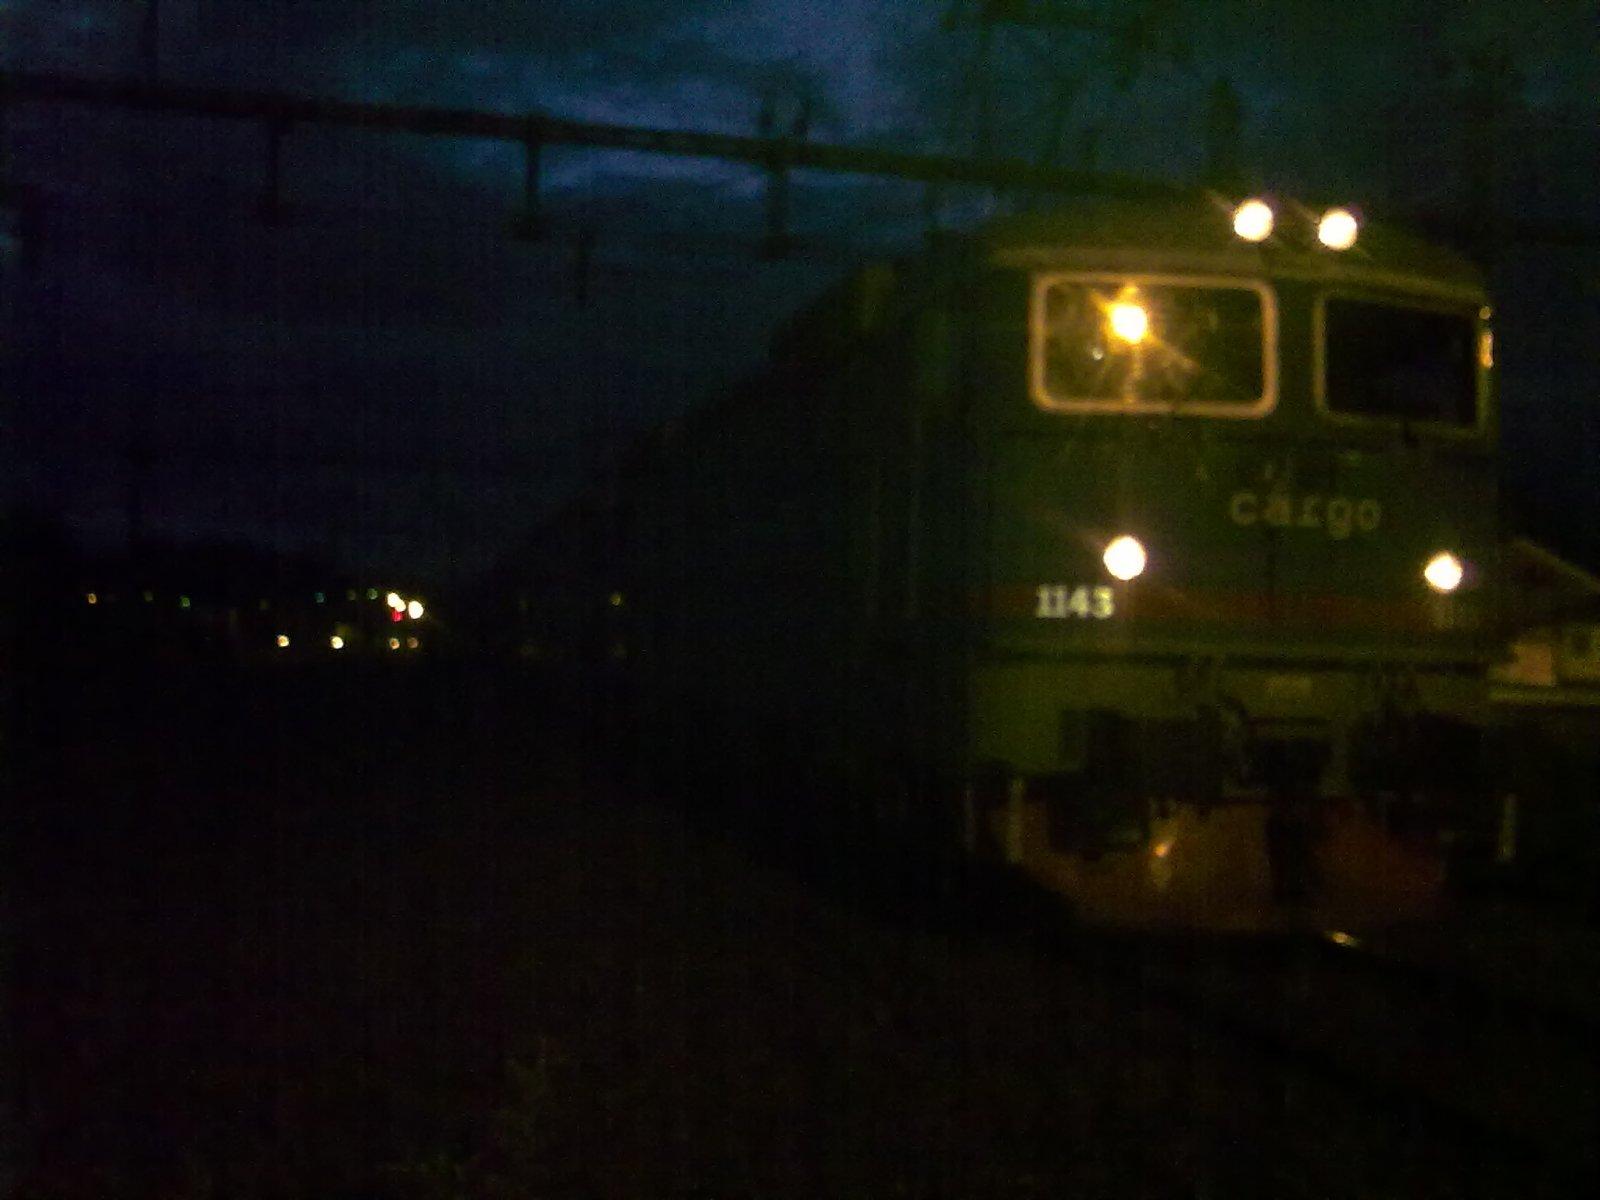 1143-1036-Ludvika